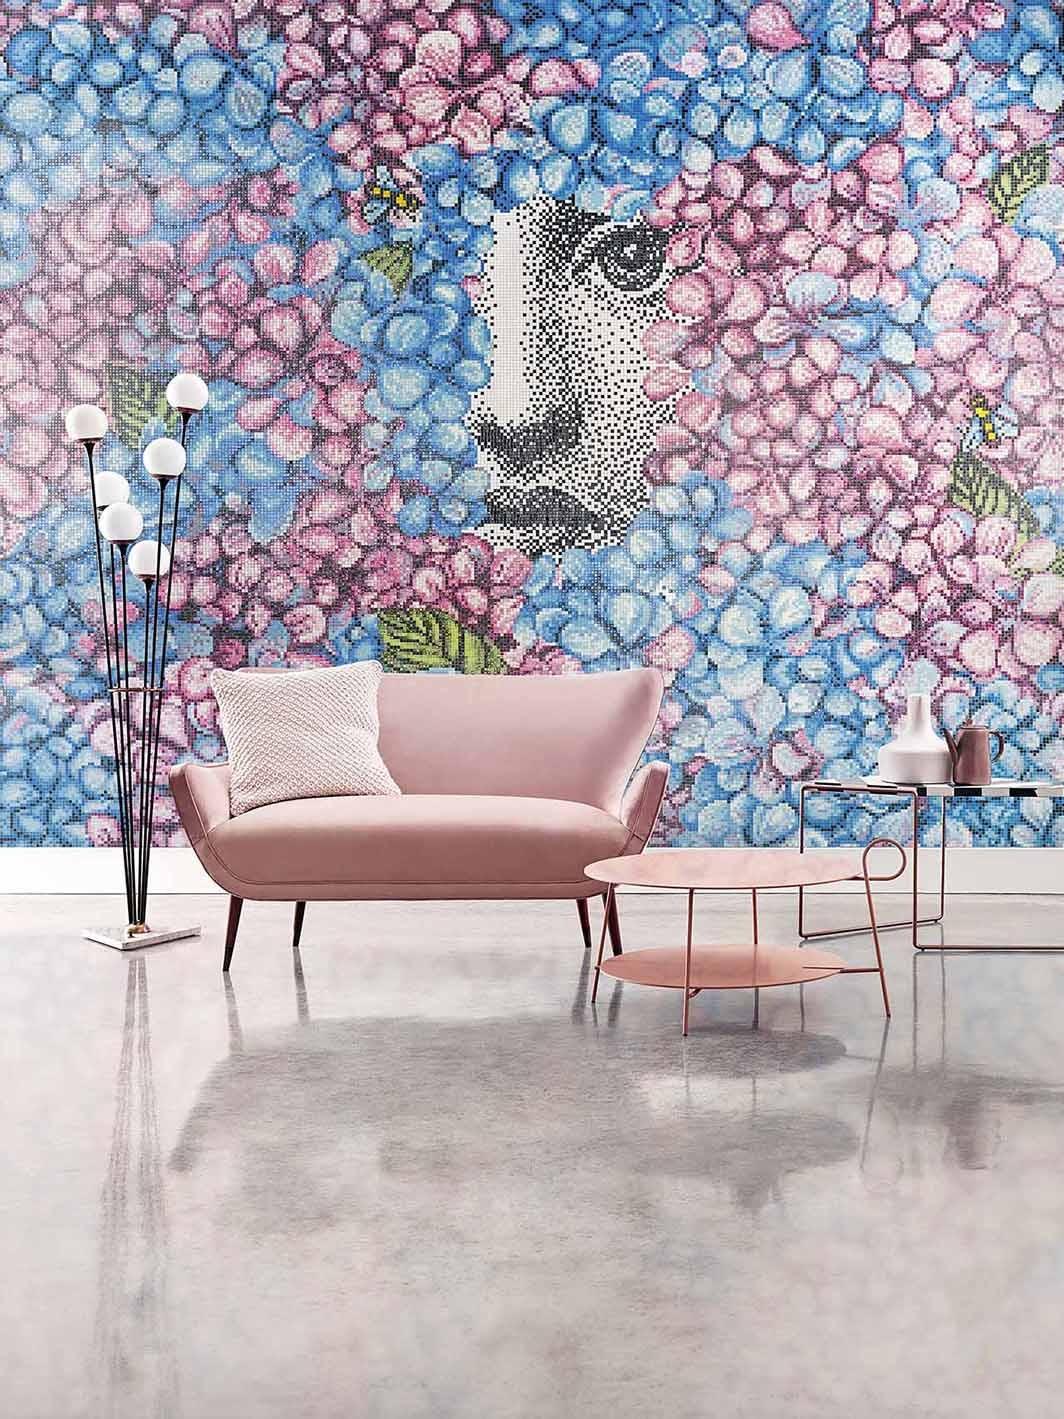 《Fornasetti》2020春夏瓷砖系列Lookbook